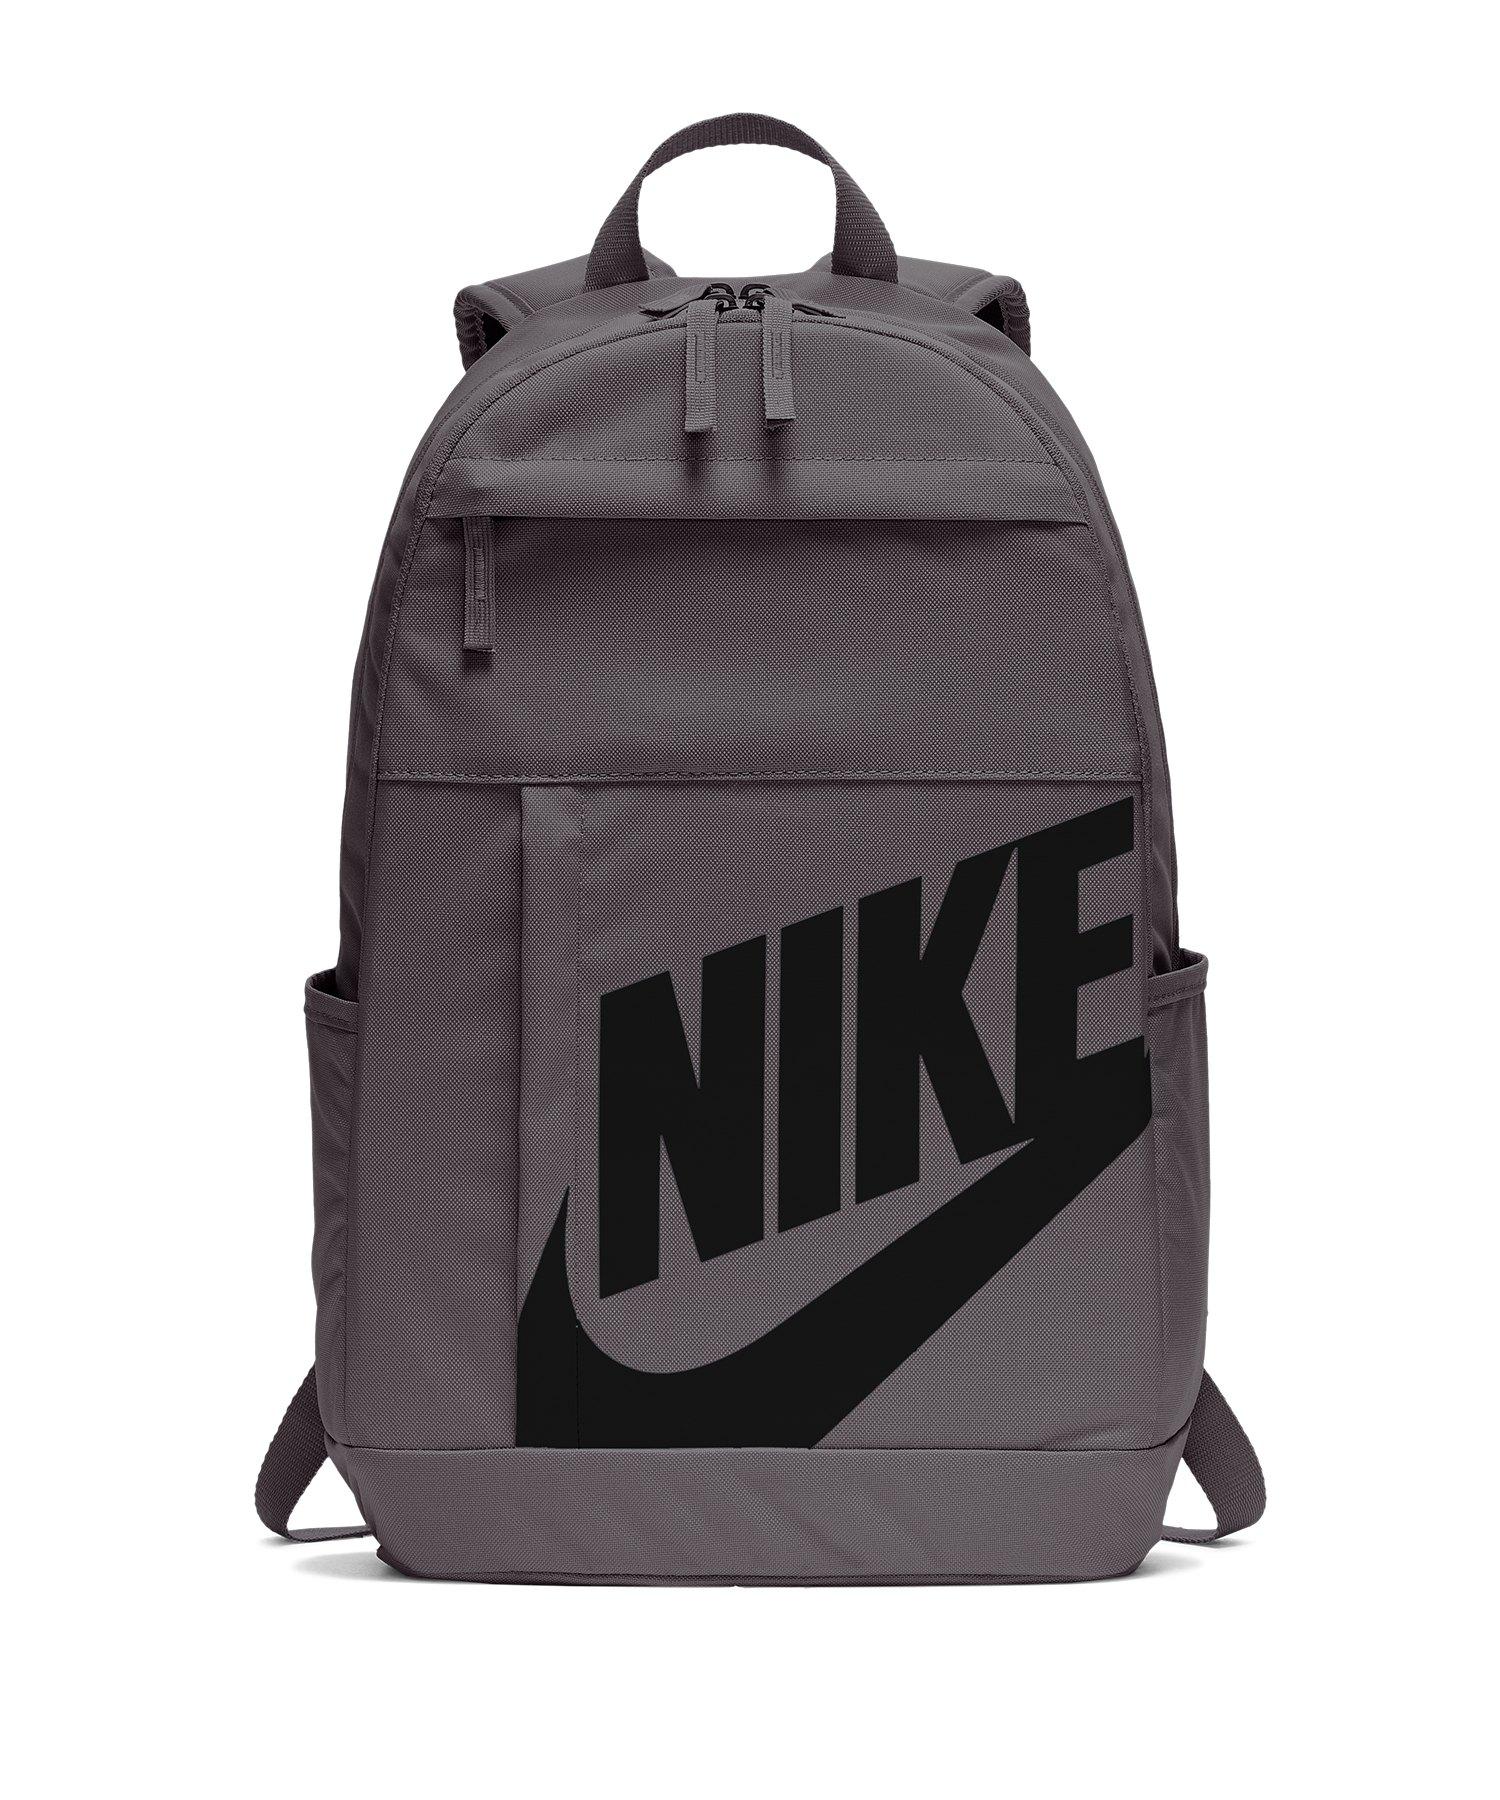 Nike Elemental 2.0 Backpack Rucksack Grau F083 - grau